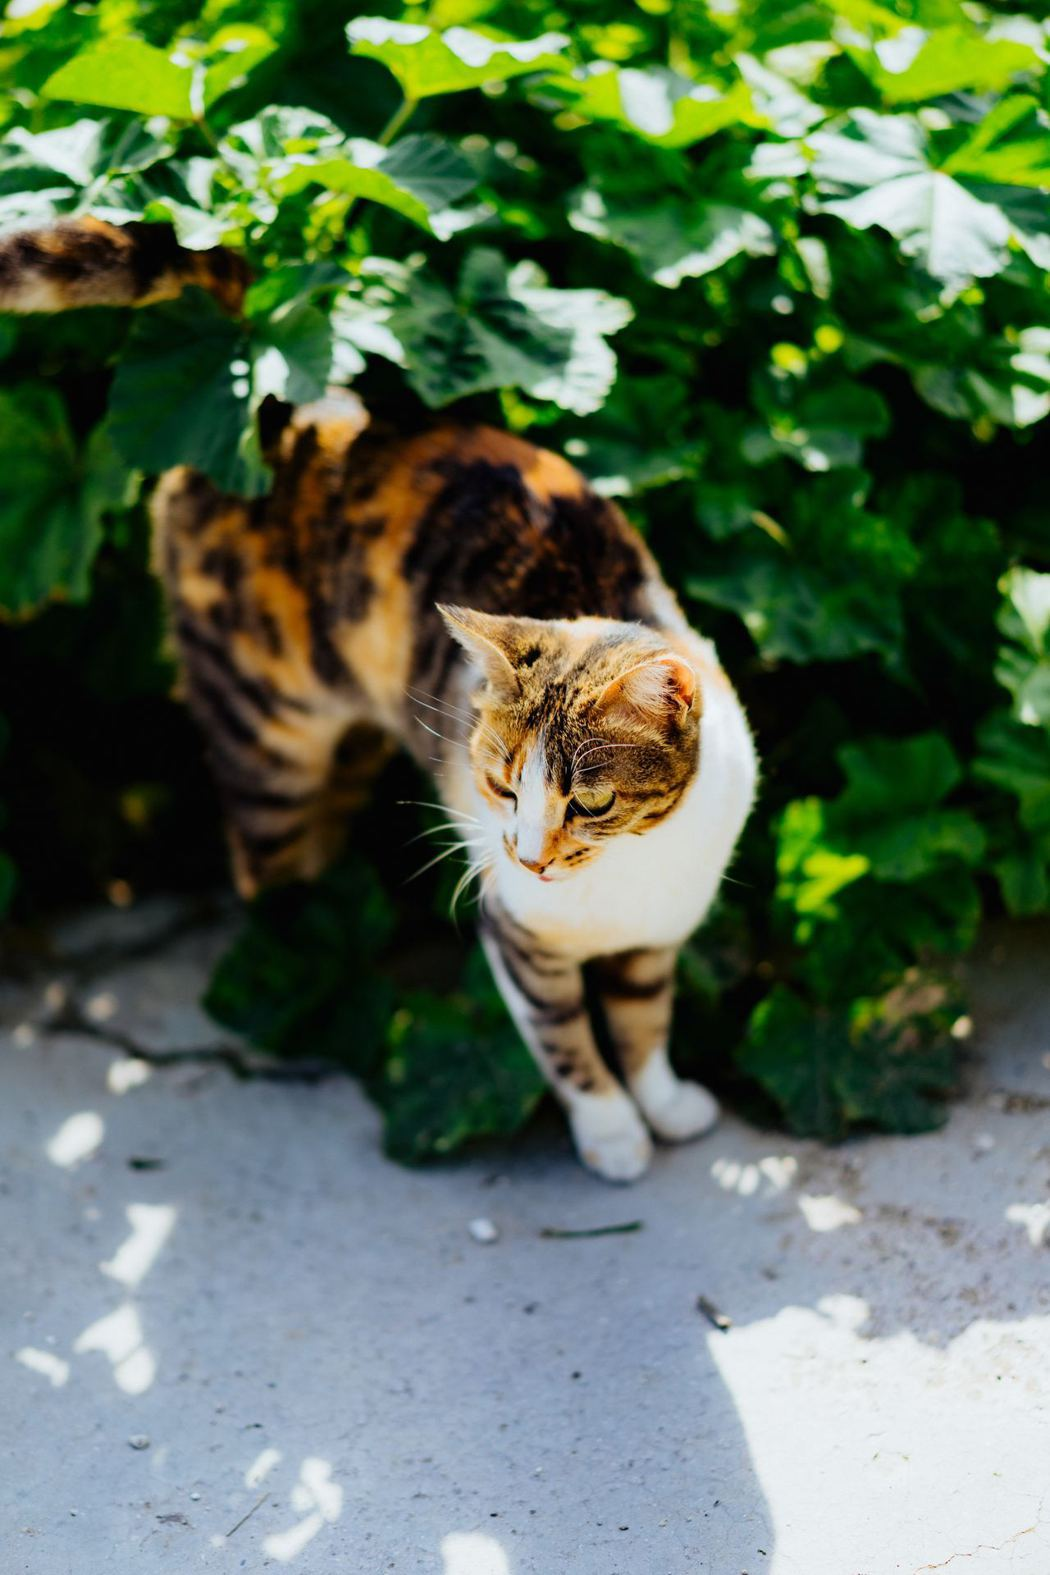 不少狗貓水分攝取不夠,導致活動力下降。圖/美國寵物食品協會提供